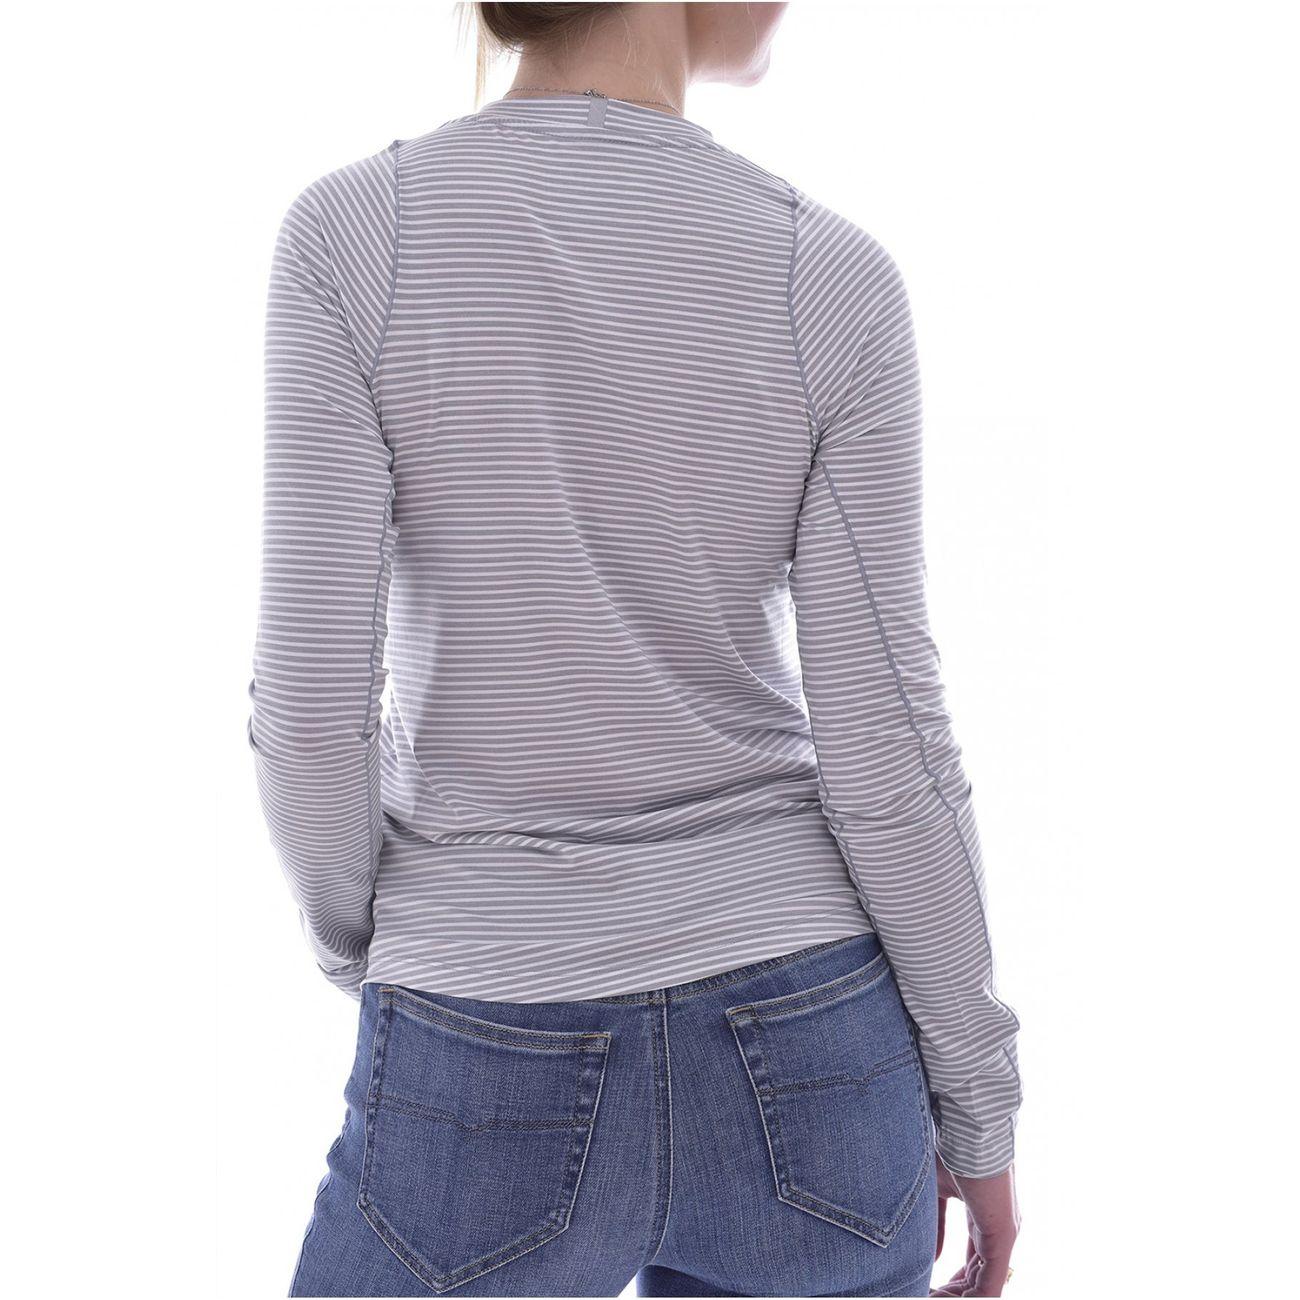 Loisirs femme NEW BALANCE Tee shirt de running thermorégulateur  -  New balance - Femme